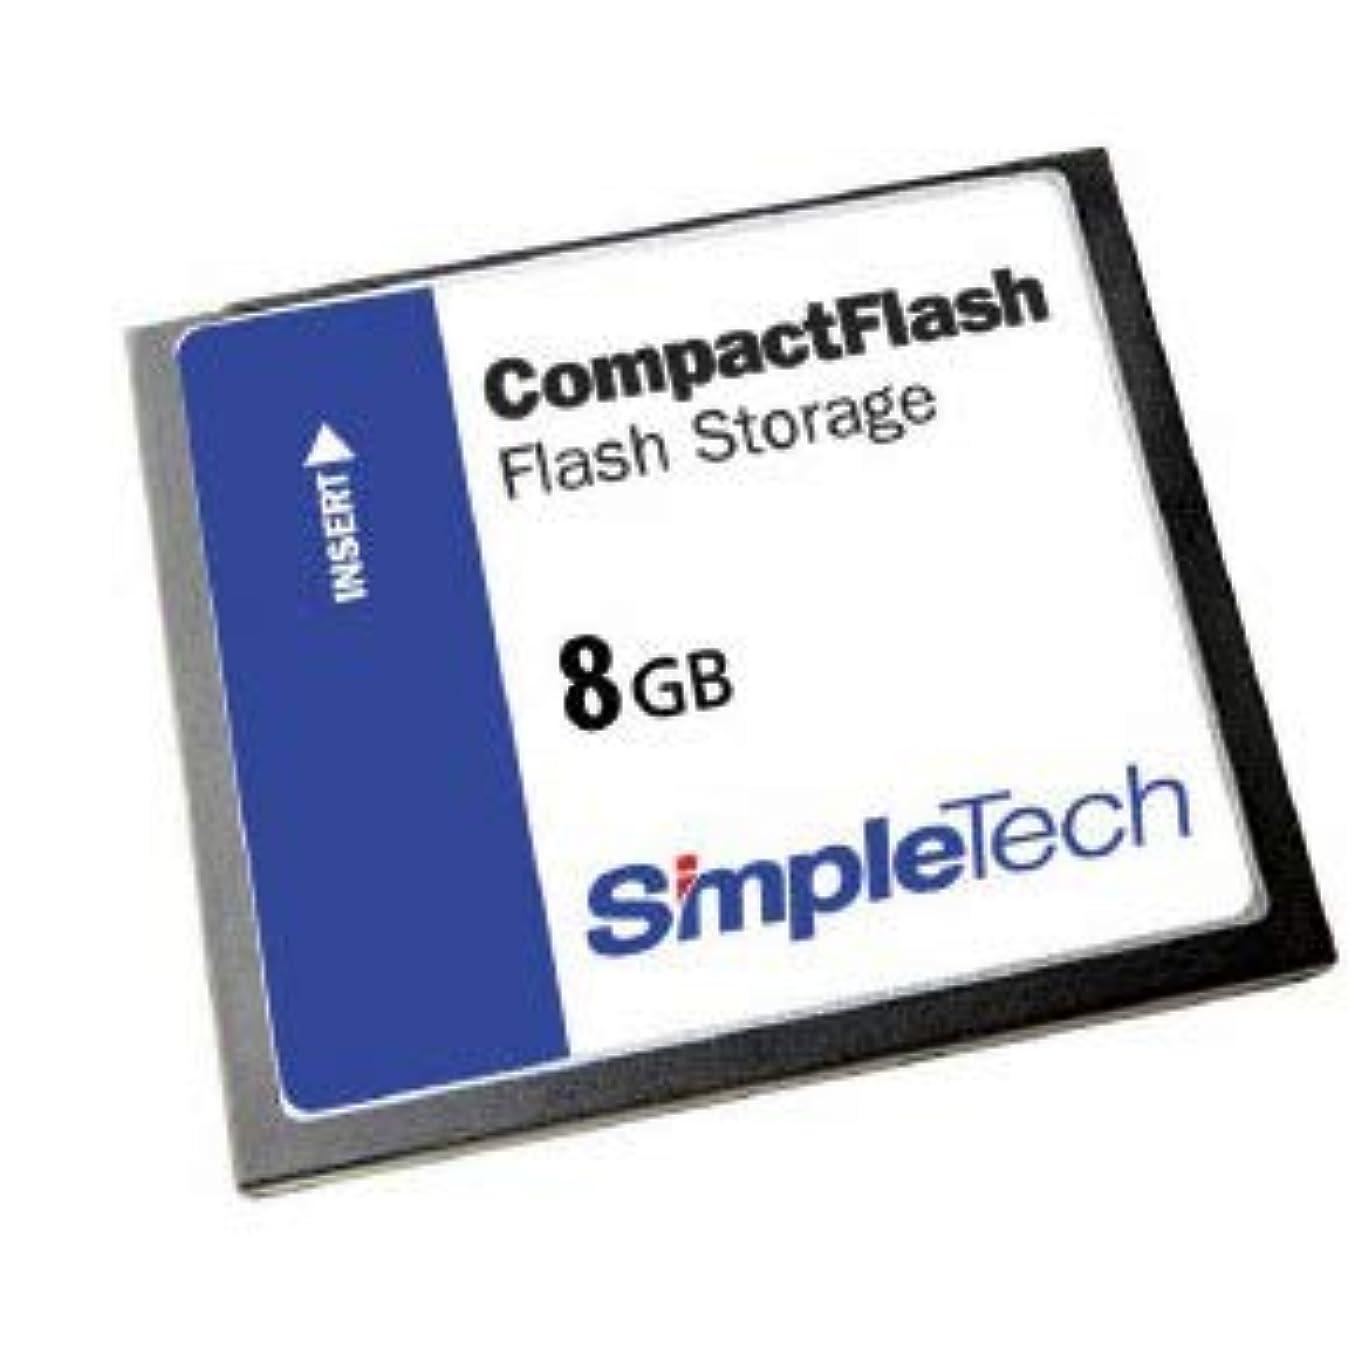 生産的誘惑する改善する(エムエスエム) HGST SLCF4GBJフラッシュメモリーカード STEC 4GB タイプI 工業業業業業用テンプ 0 ~ +70 C コンパクトカード